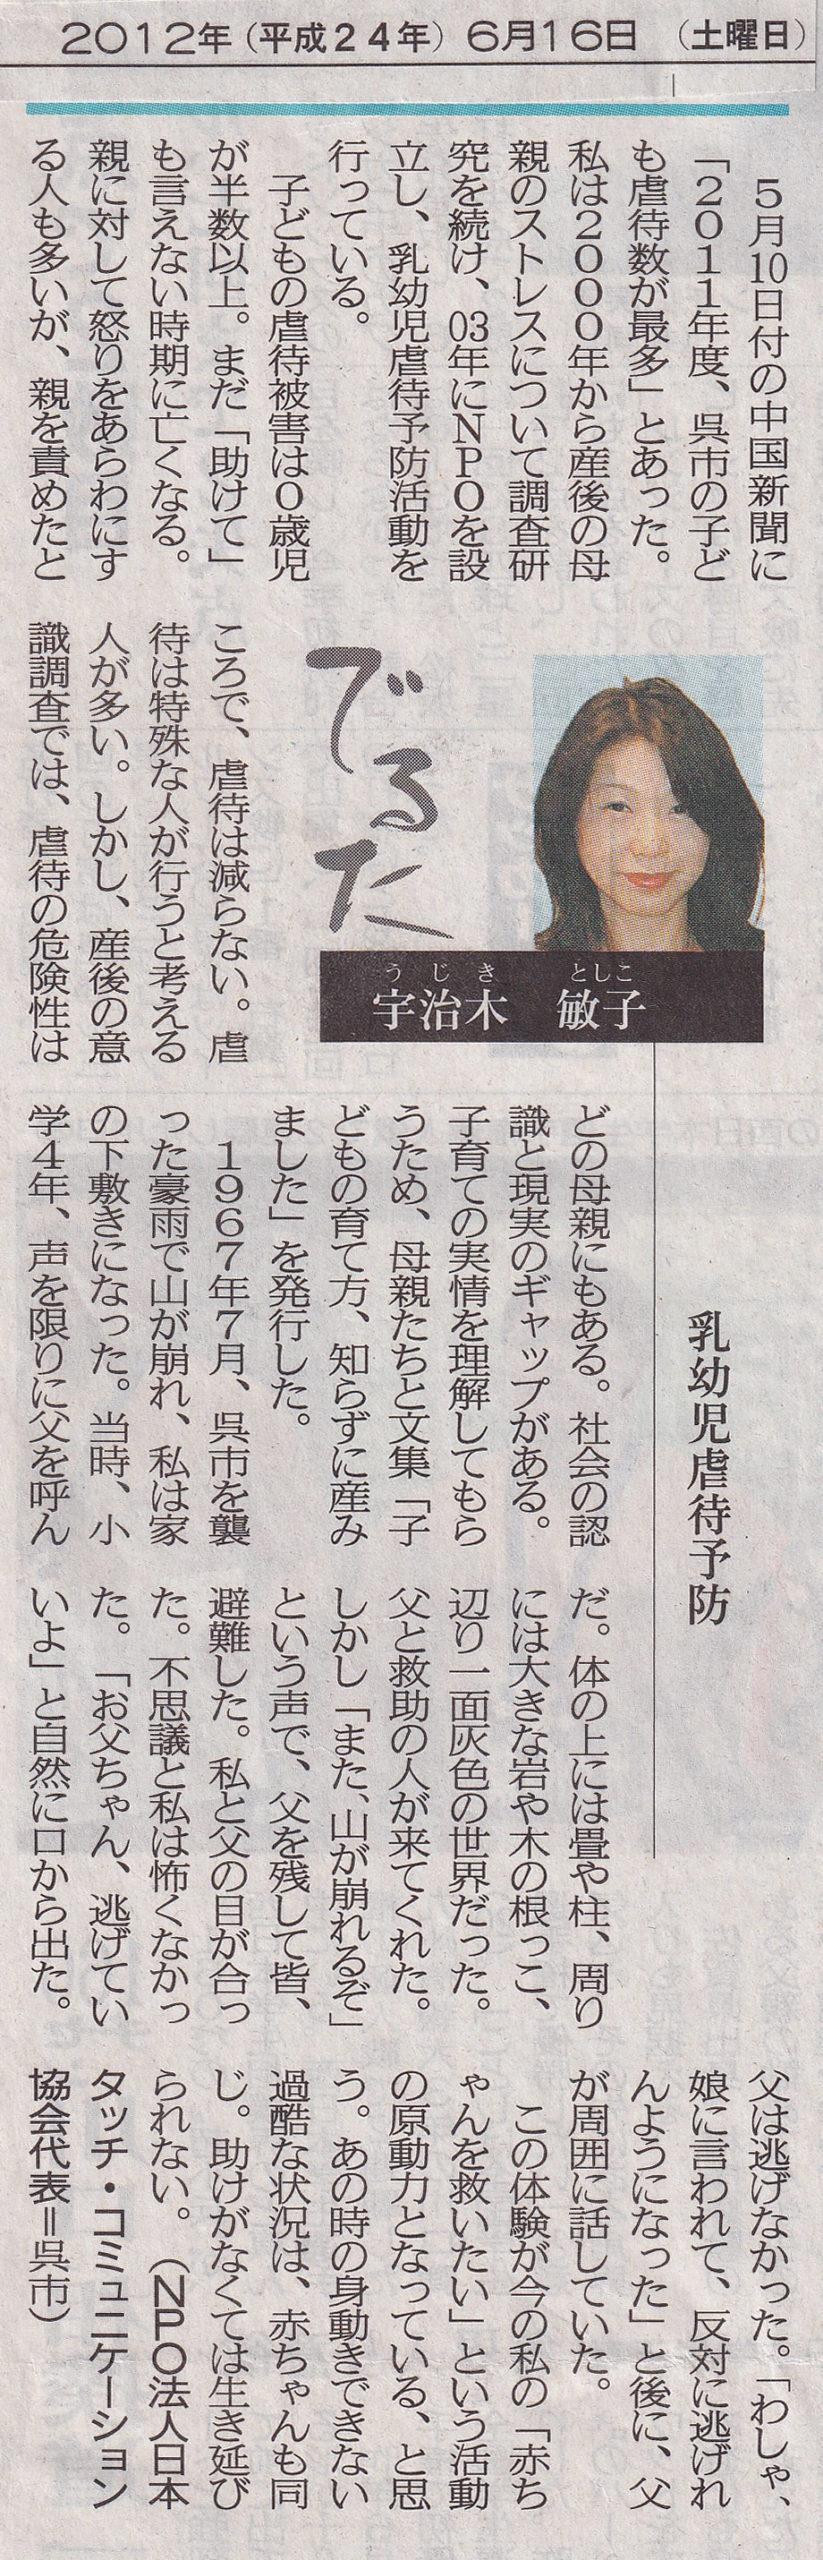 120616中国新聞